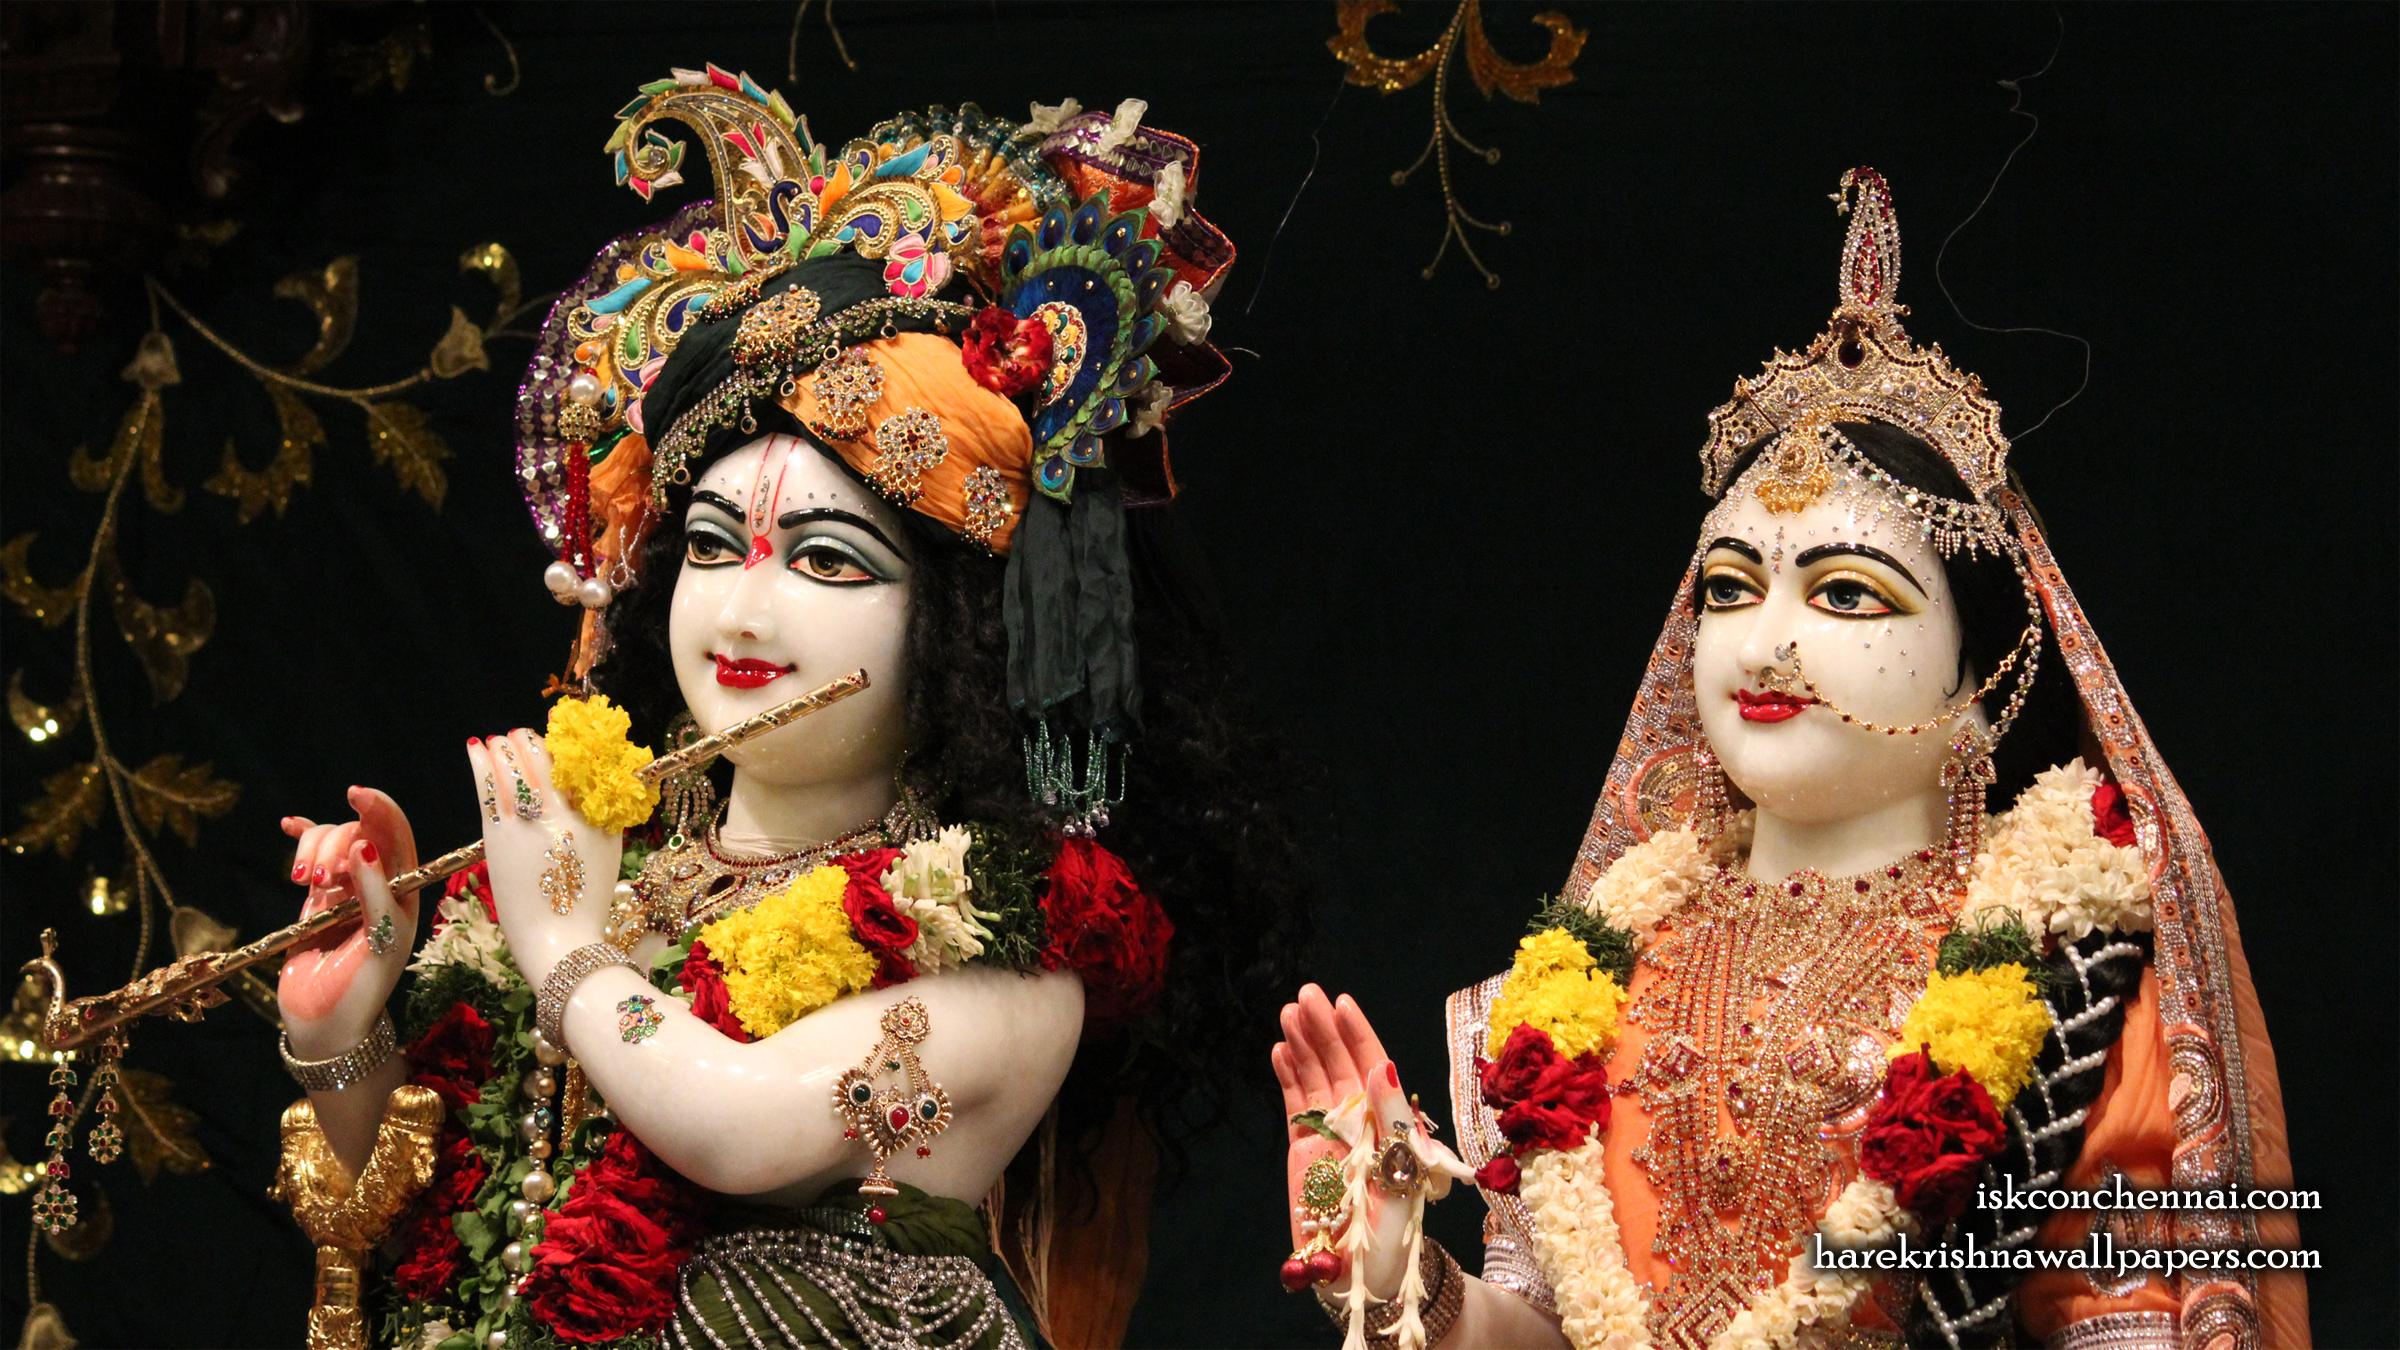 Sri Sri Radha Krishna Close up Wallpaper (014) Size 2400x1350 Download